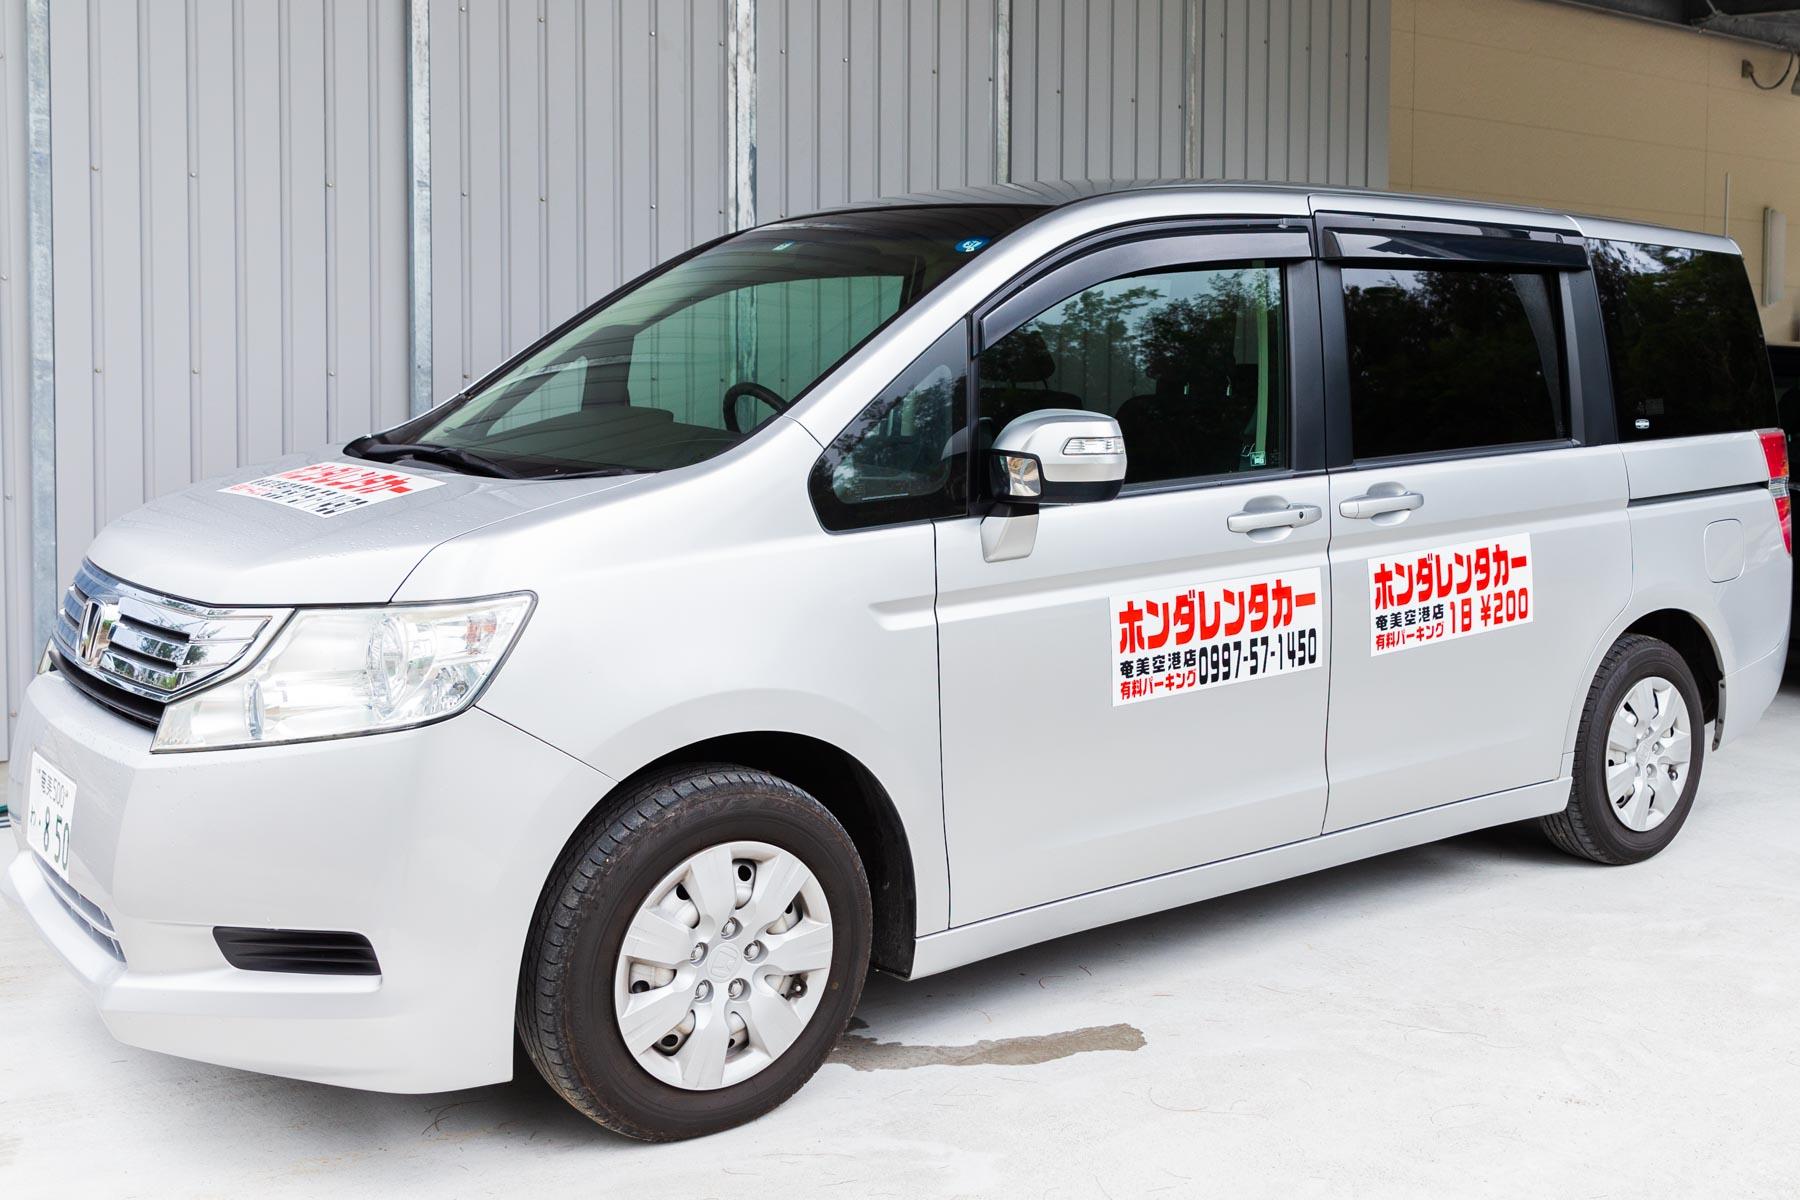 ホンダレンタカー ではこちらの車で安全に事務所・奄美空港間を送迎いたします